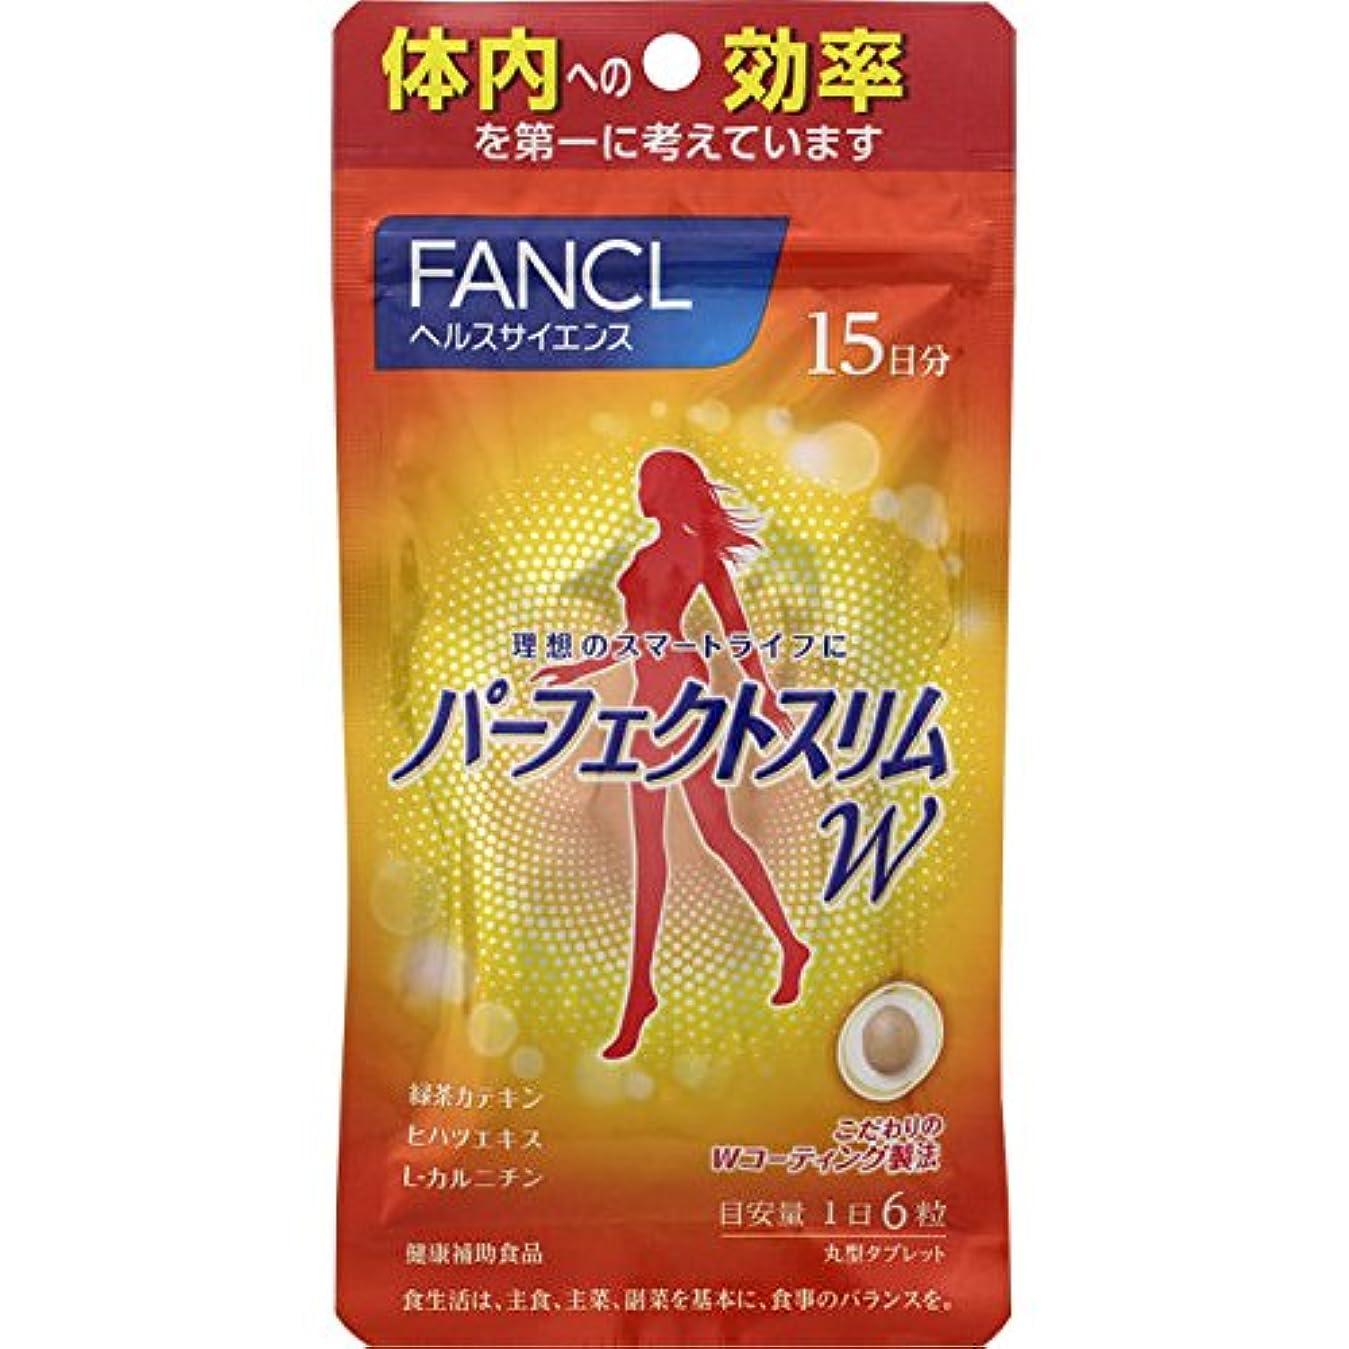 スマート自己離れてFANCL ファンケル パーフェクトスリム W 15日分 (90粒) 緑茶カテキン ヒハツエキス